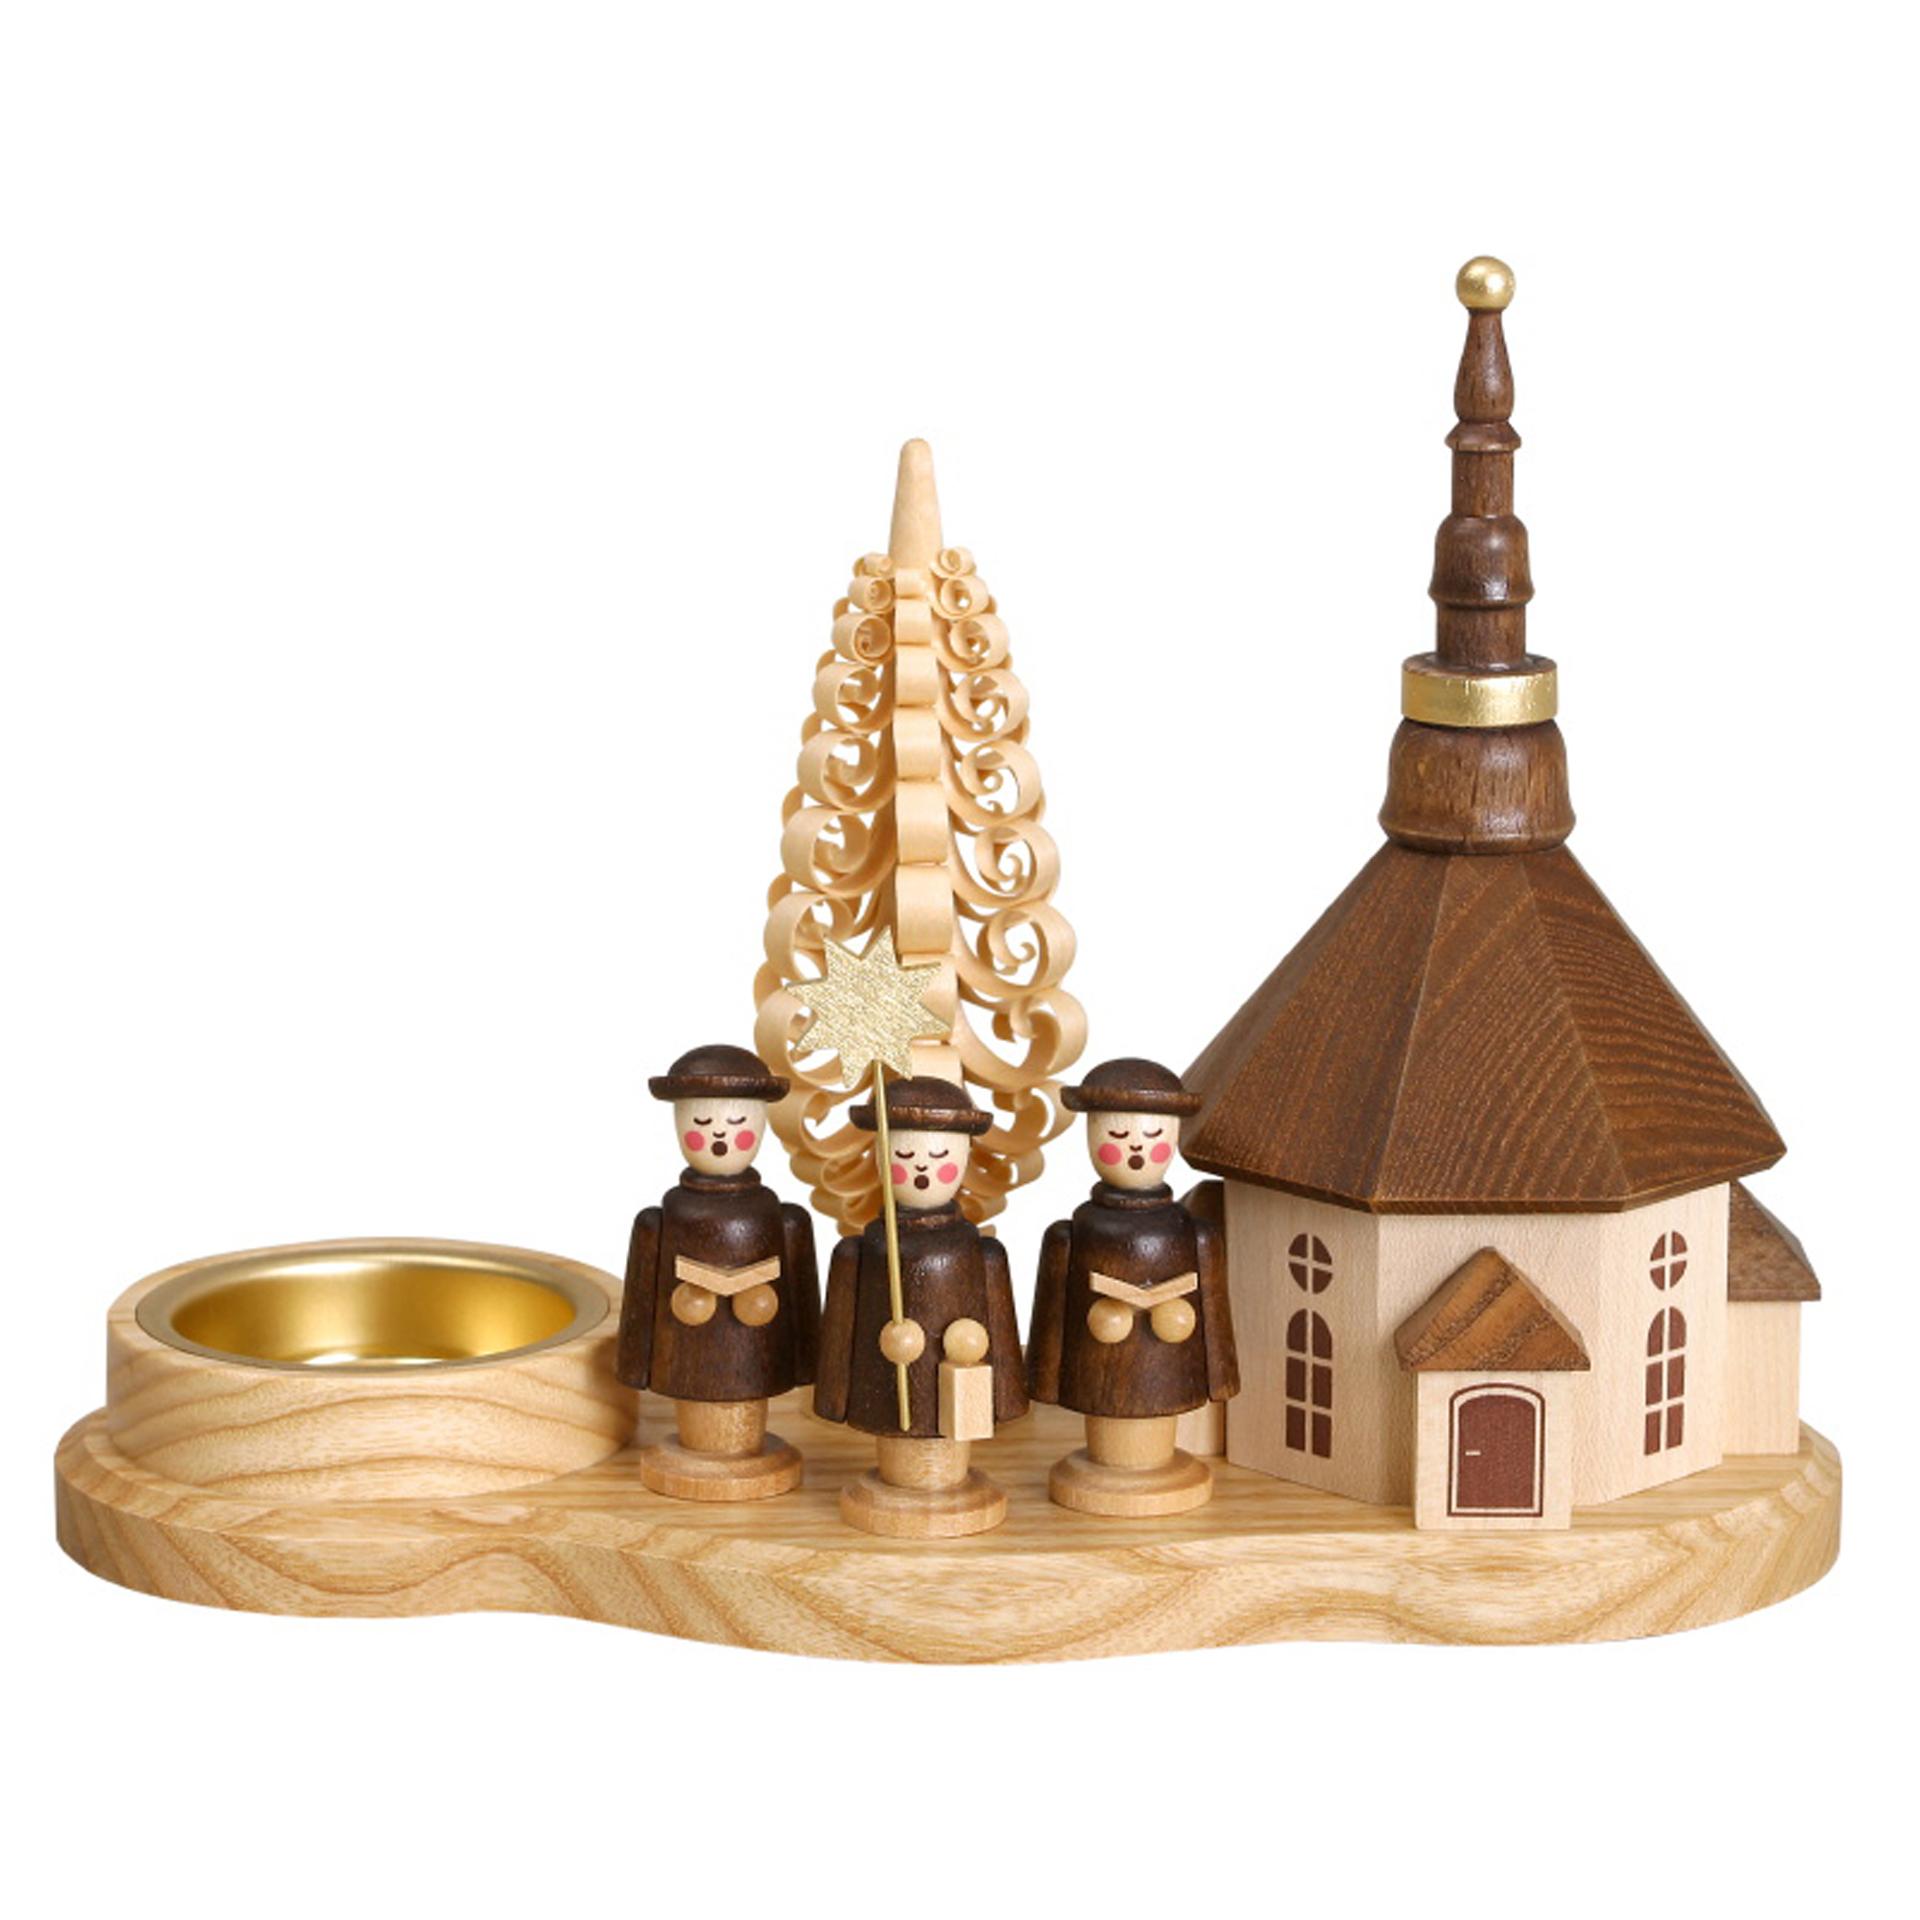 Teelichthalter Kurrende mit Seiffener Kirche